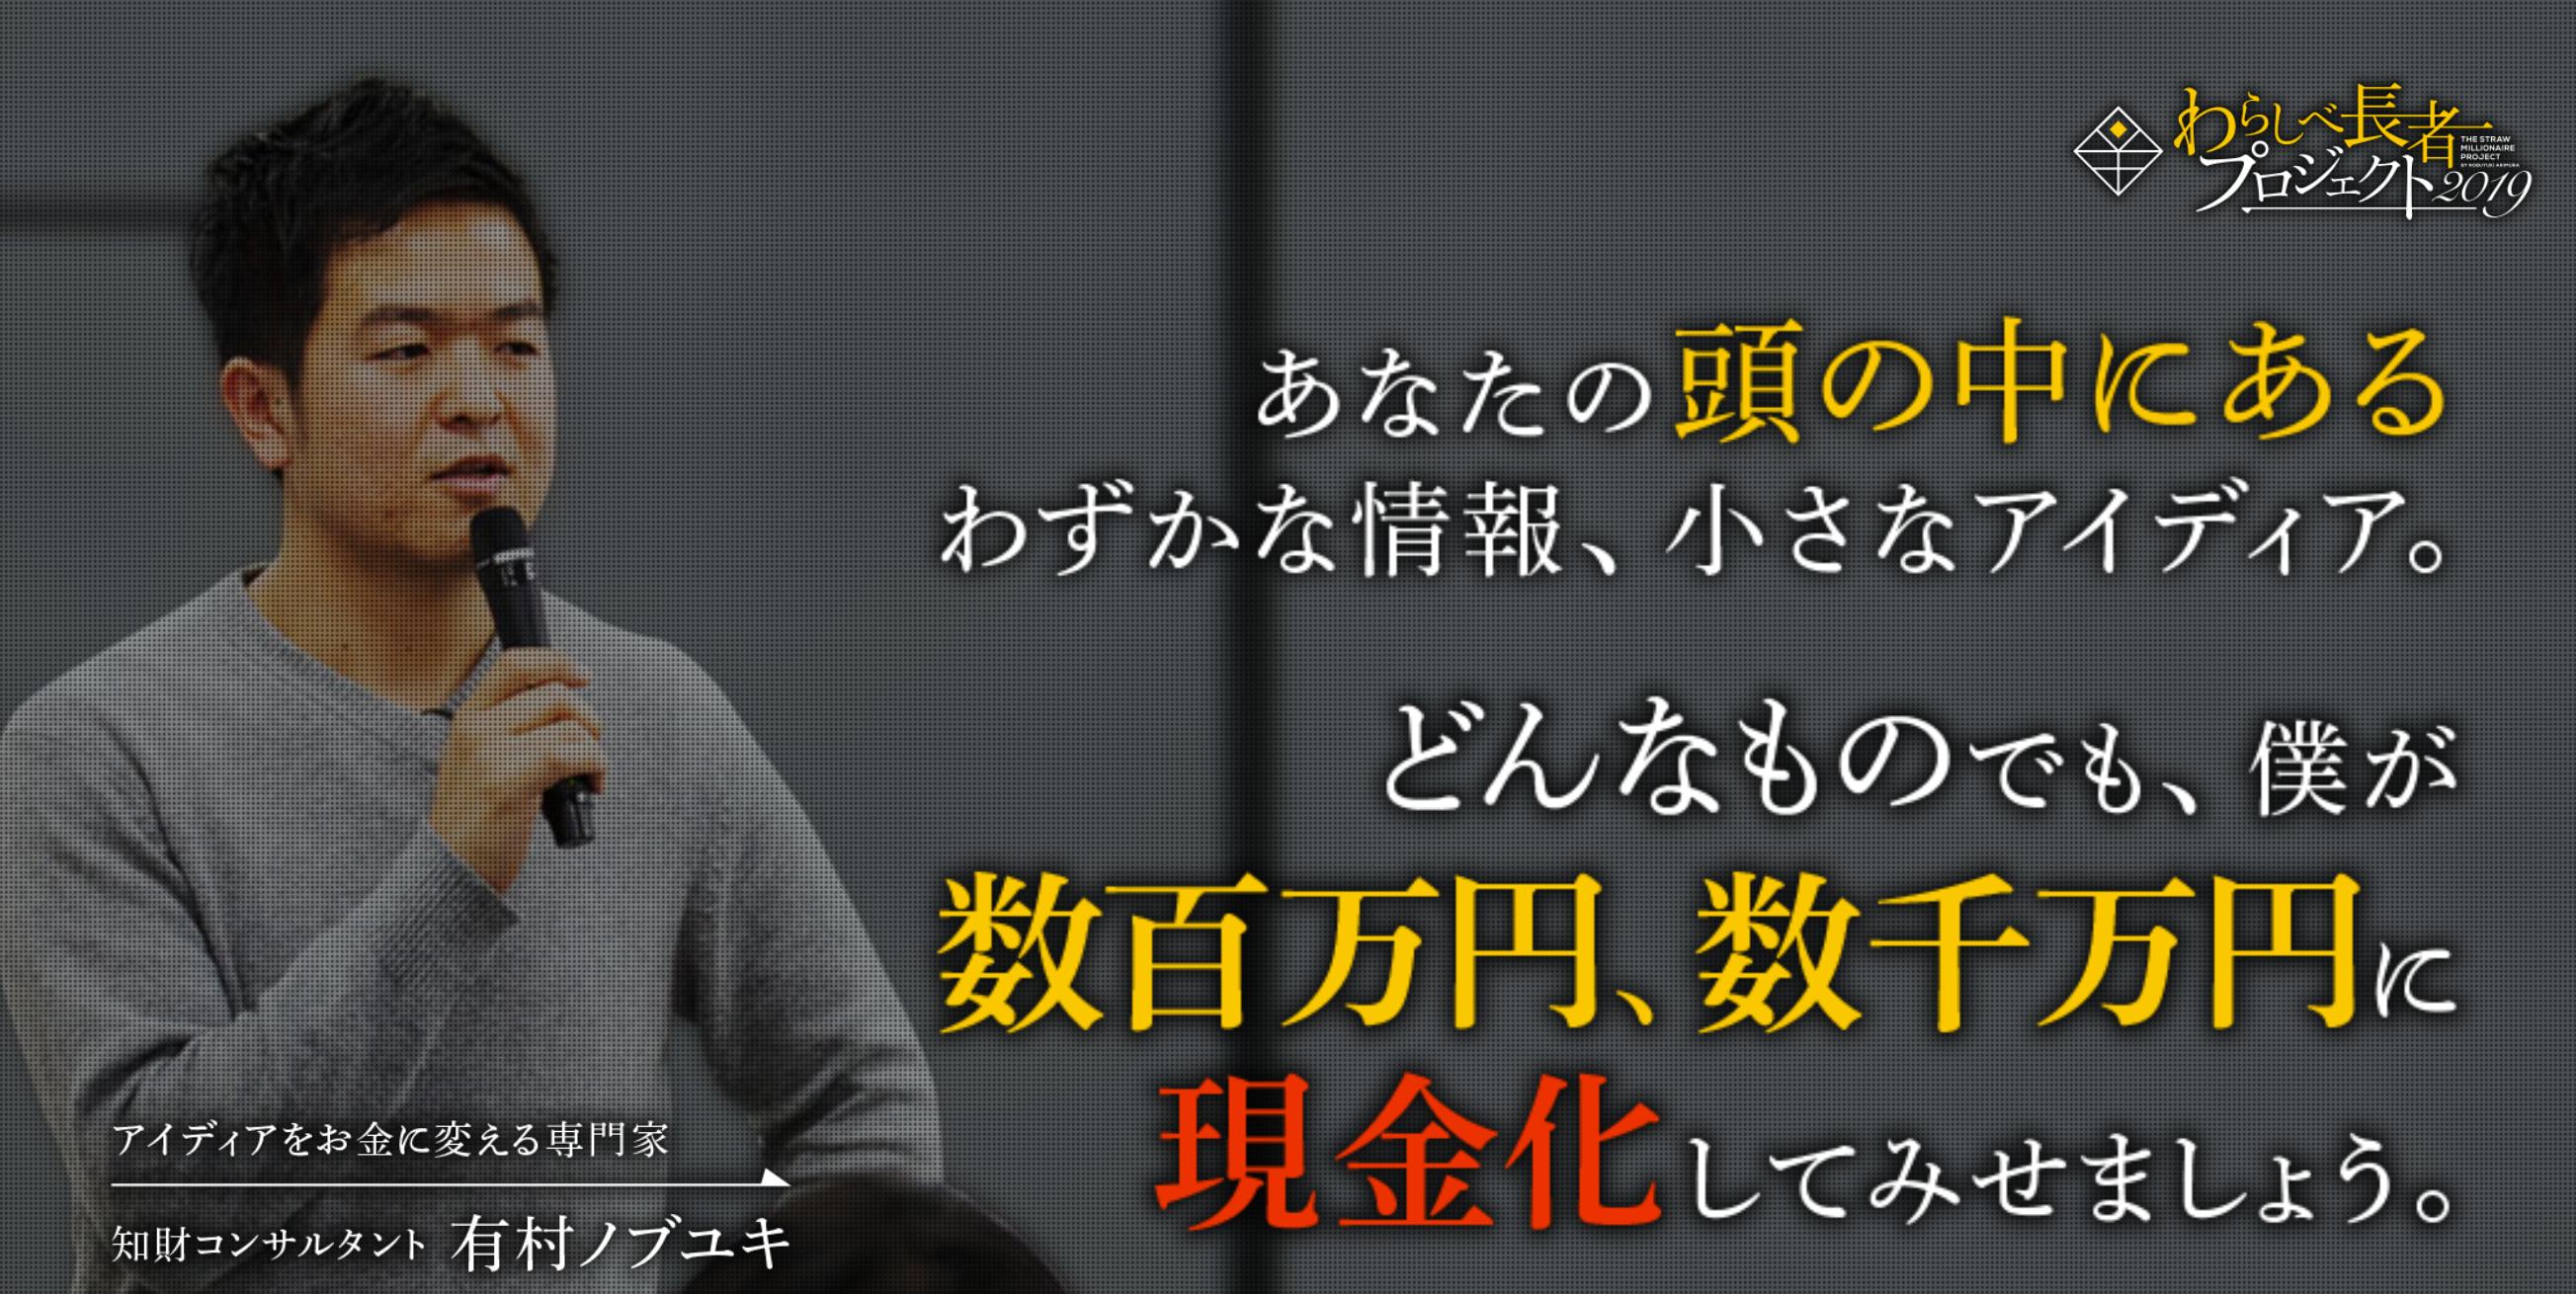 有村ノブユキ わらしべ長者プロジェクト2019レター画像